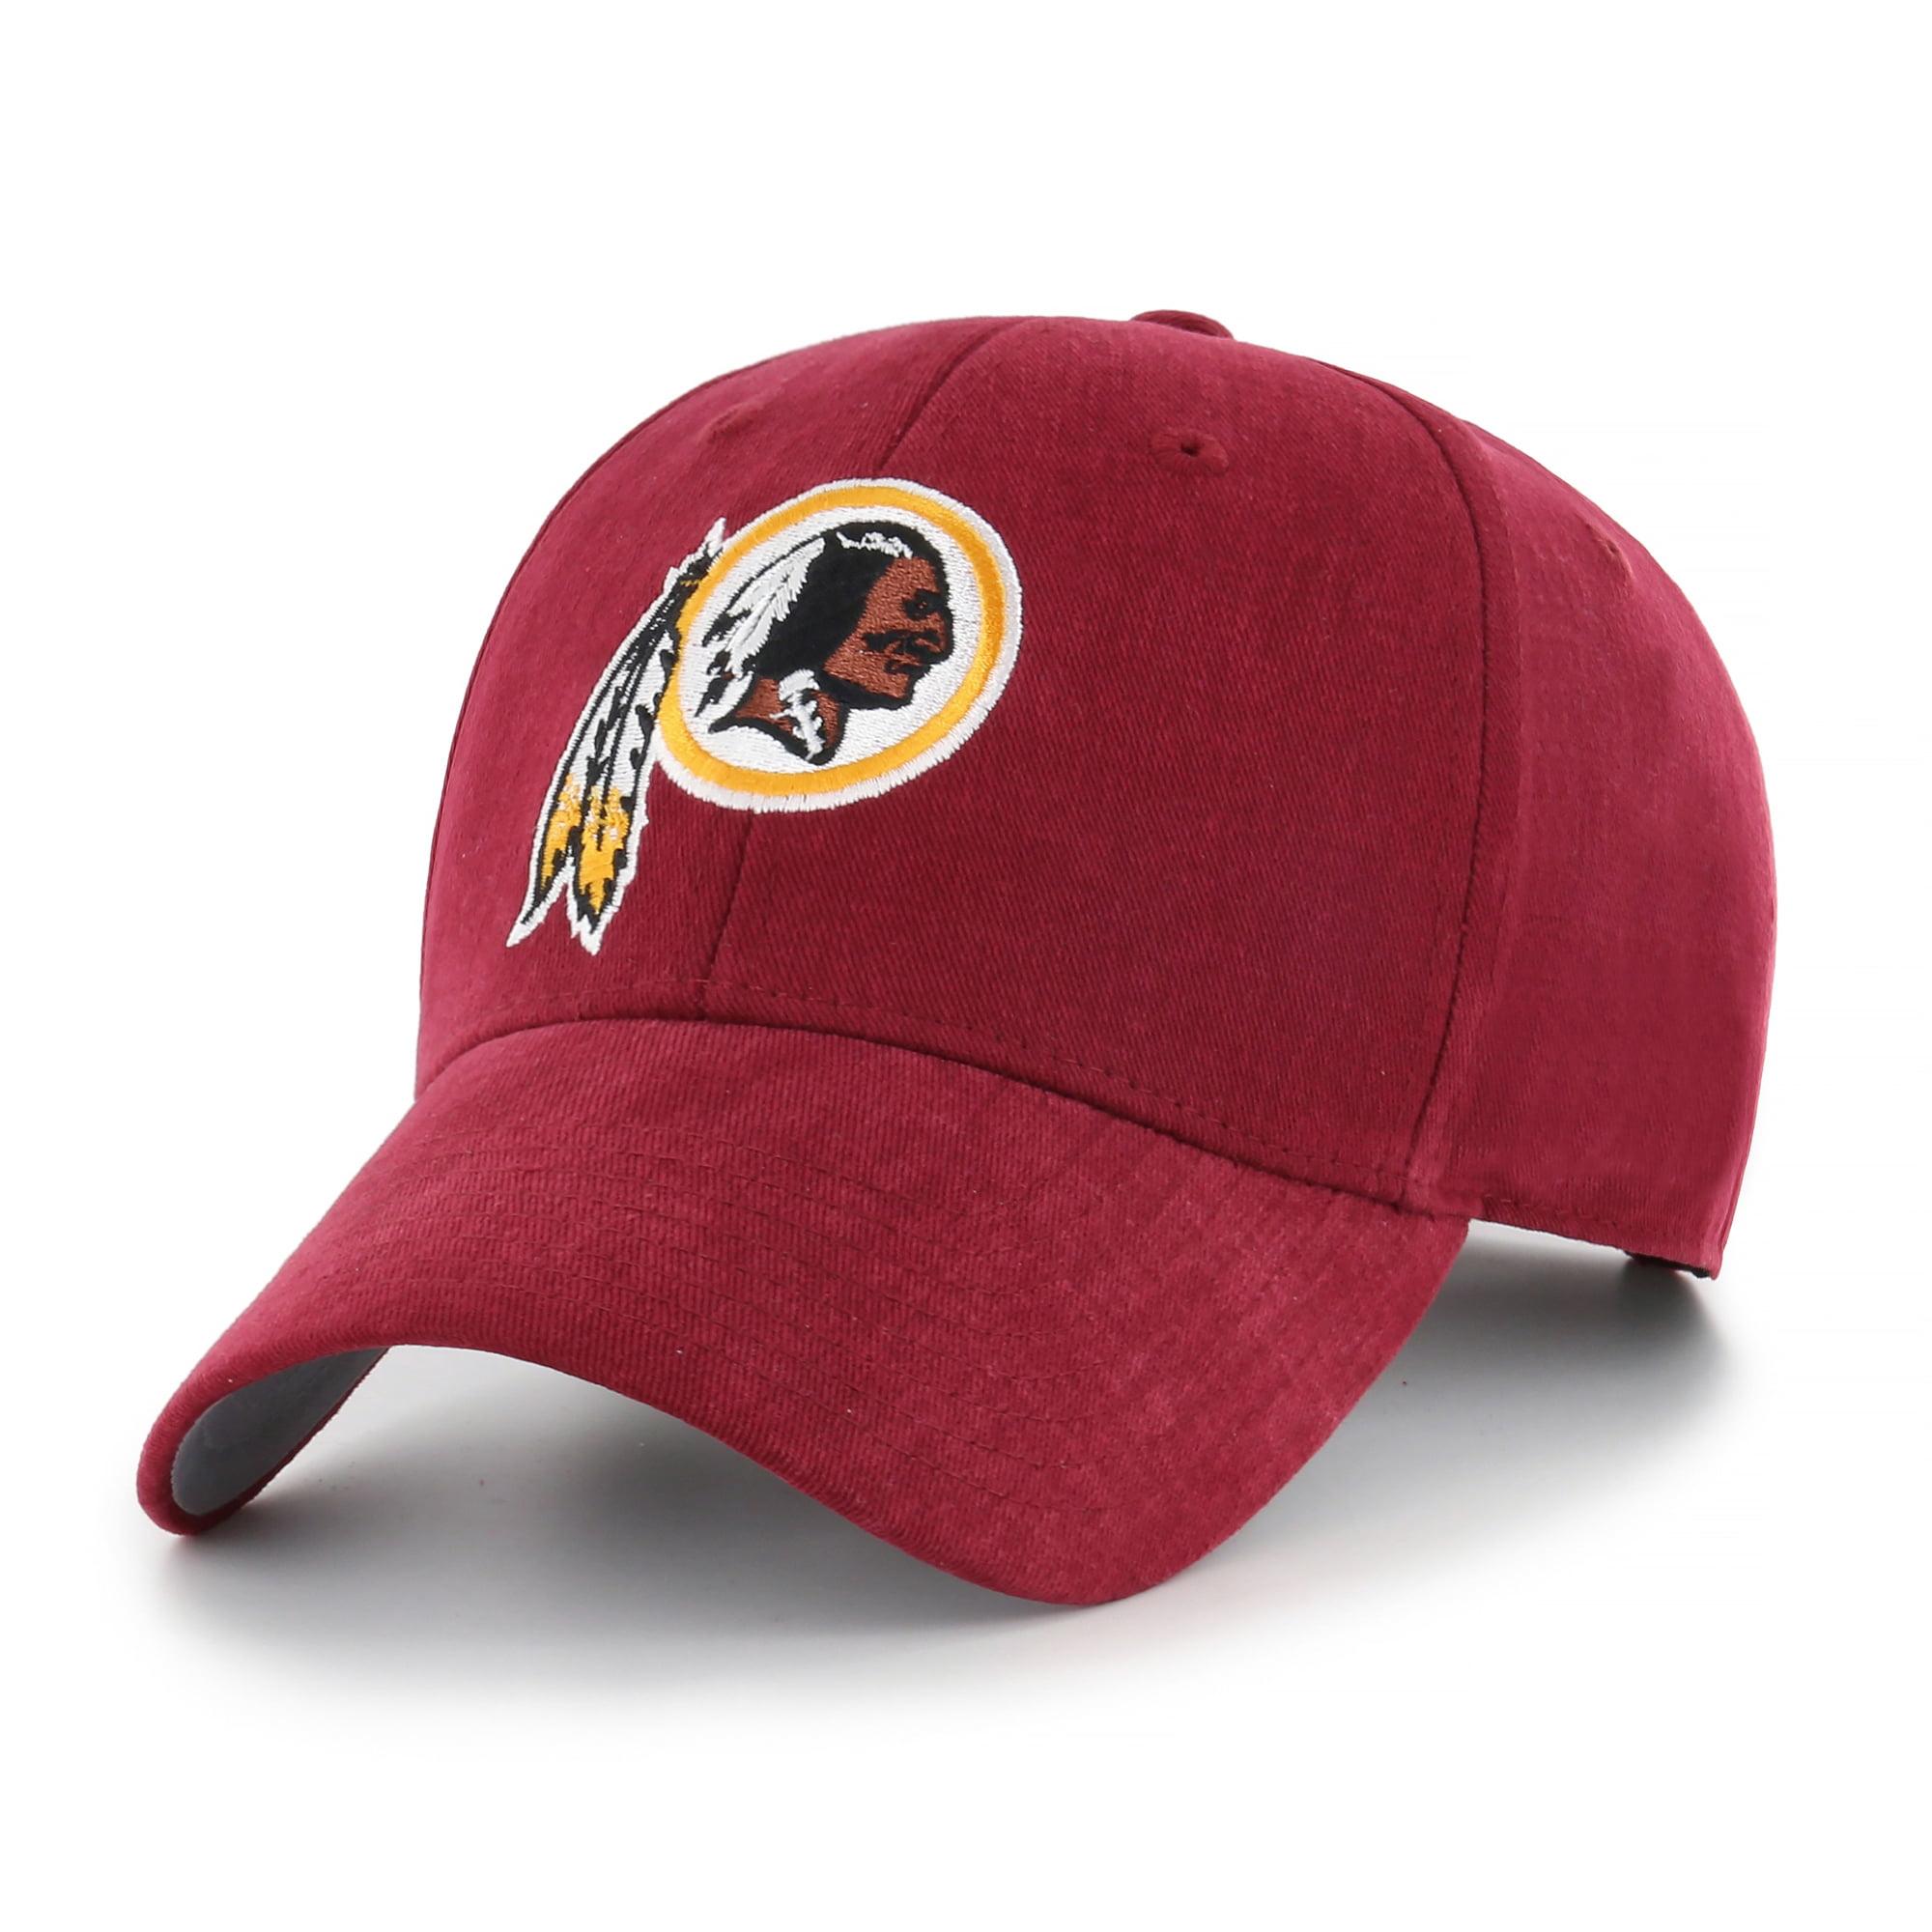 Fan Favorite - NFL Basic Adjustable Hat, Washington Redskins